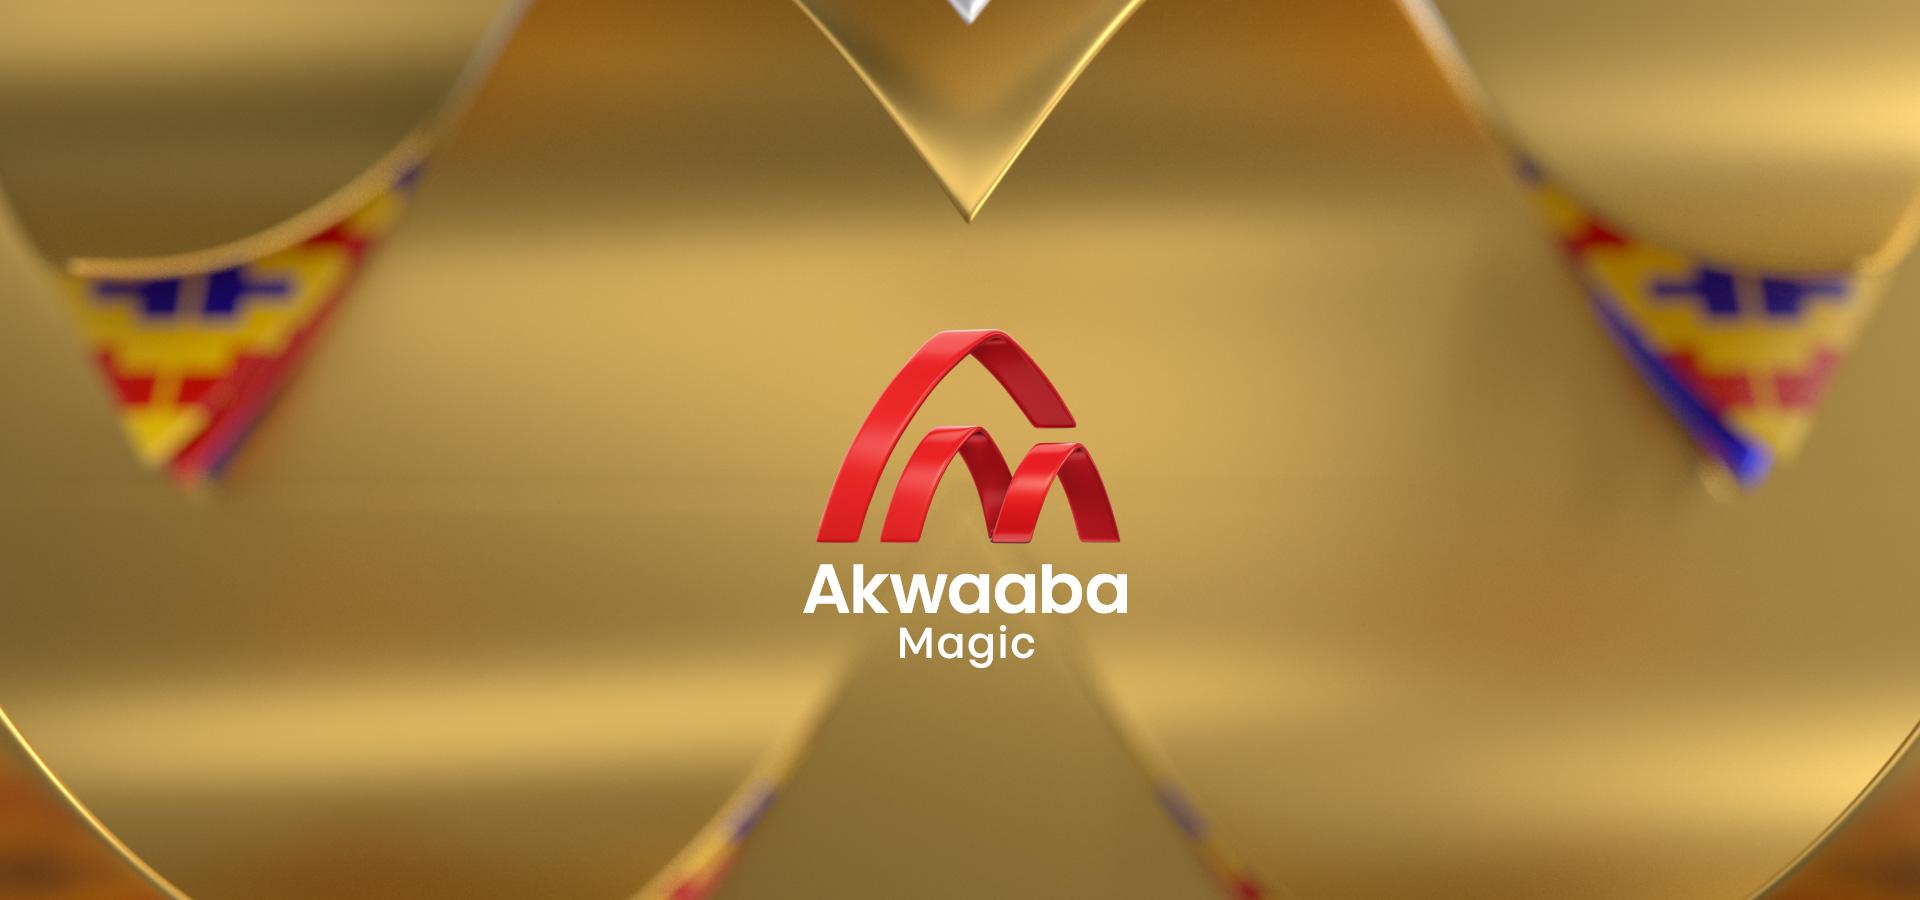 Akwaaba Magic